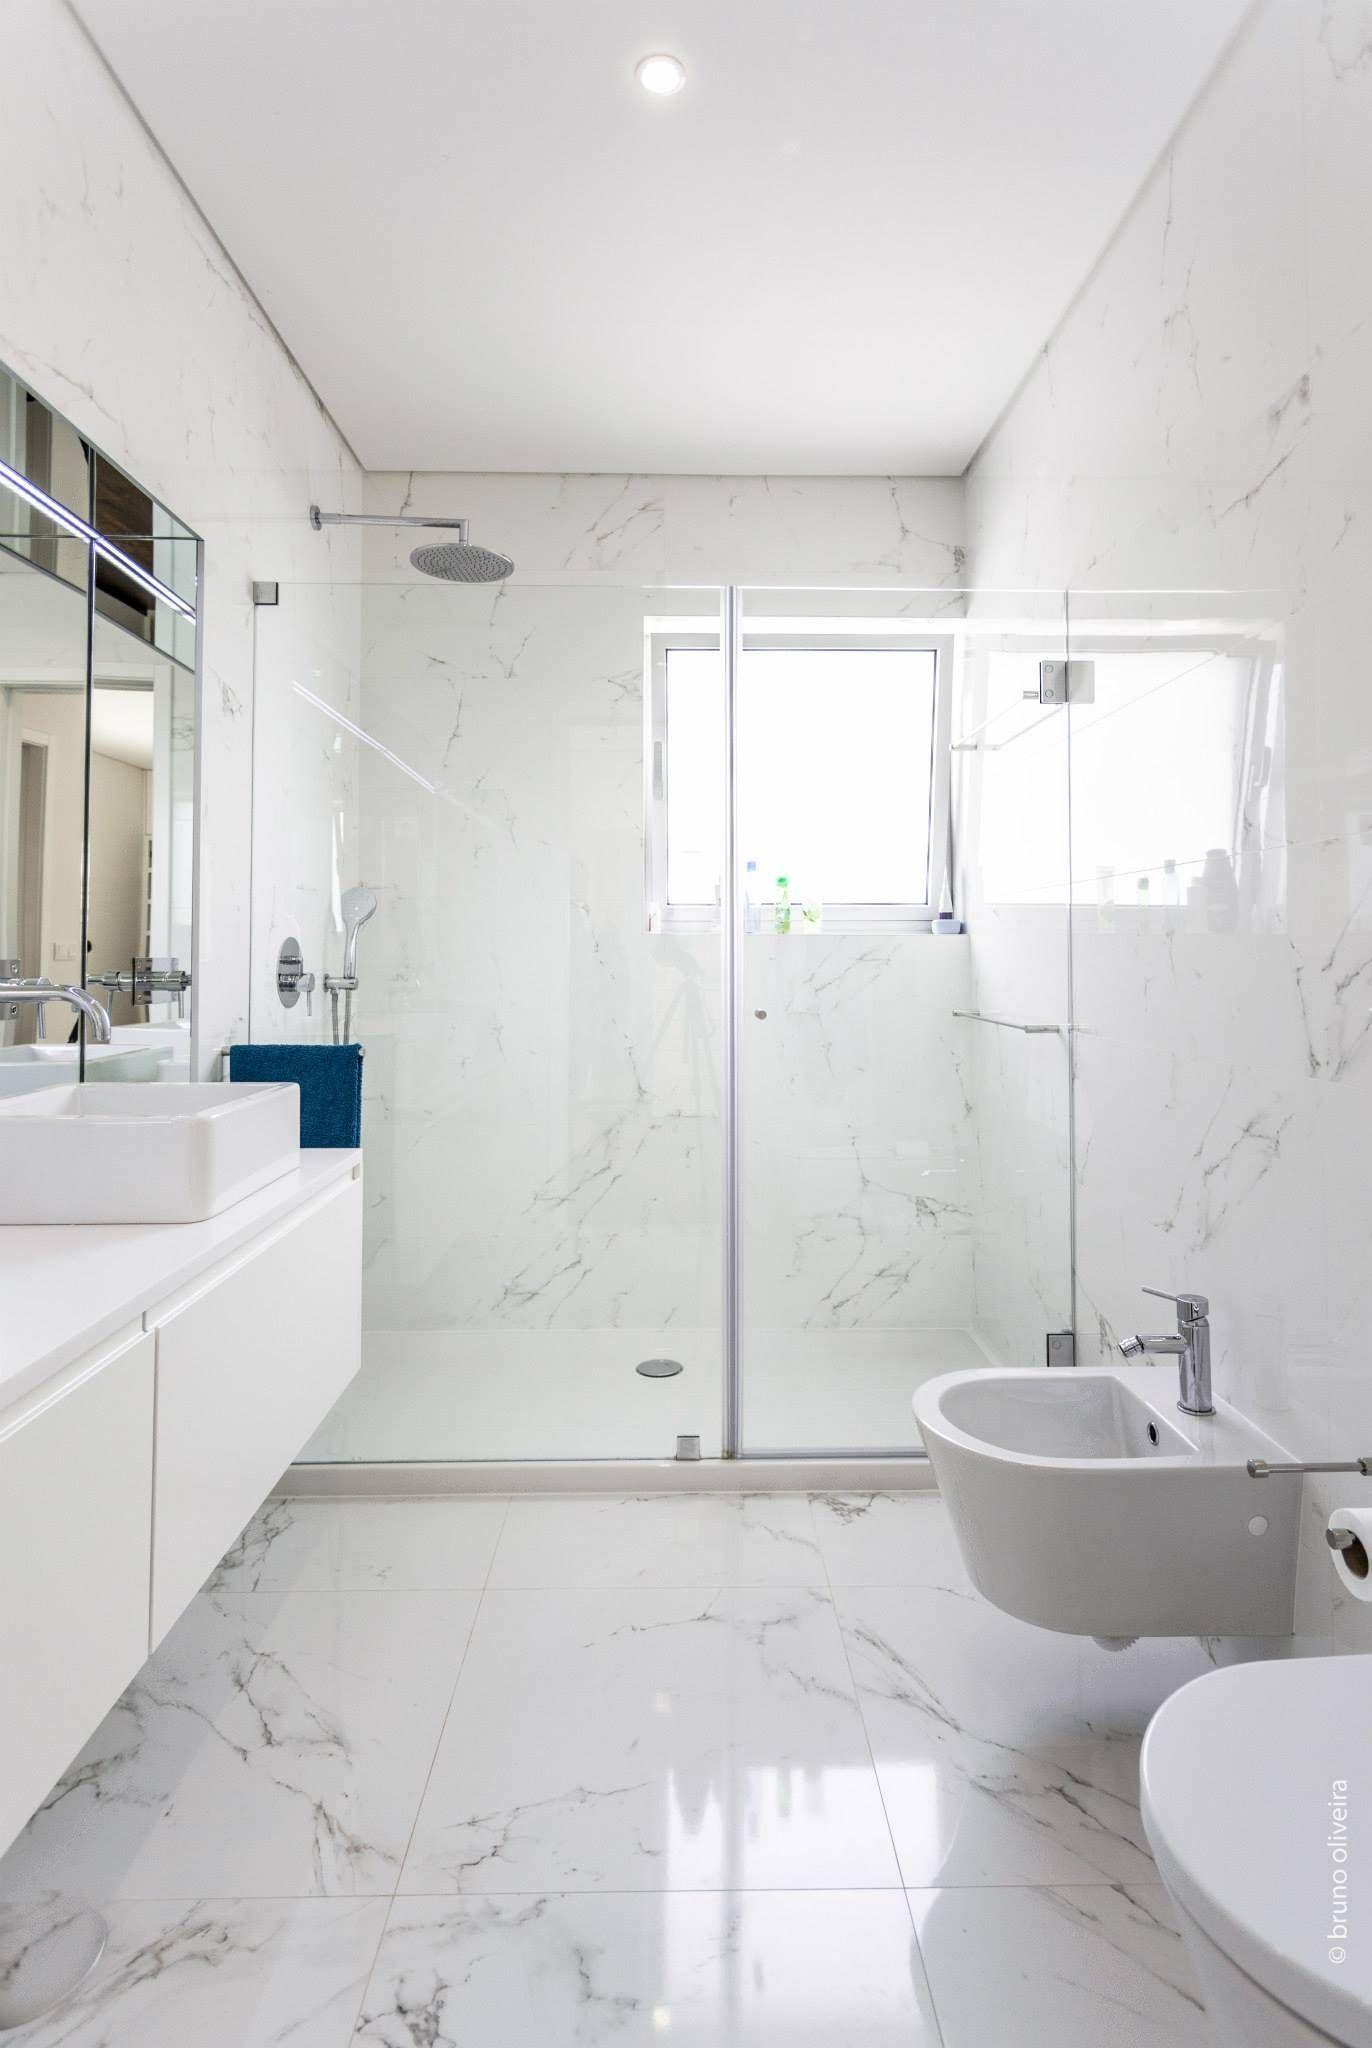 Casas de banho por de 2019 Decor Casas de banho modernas, Ideias para casas de banho e Casa  # Decoração De Casas De Banho Em Azul